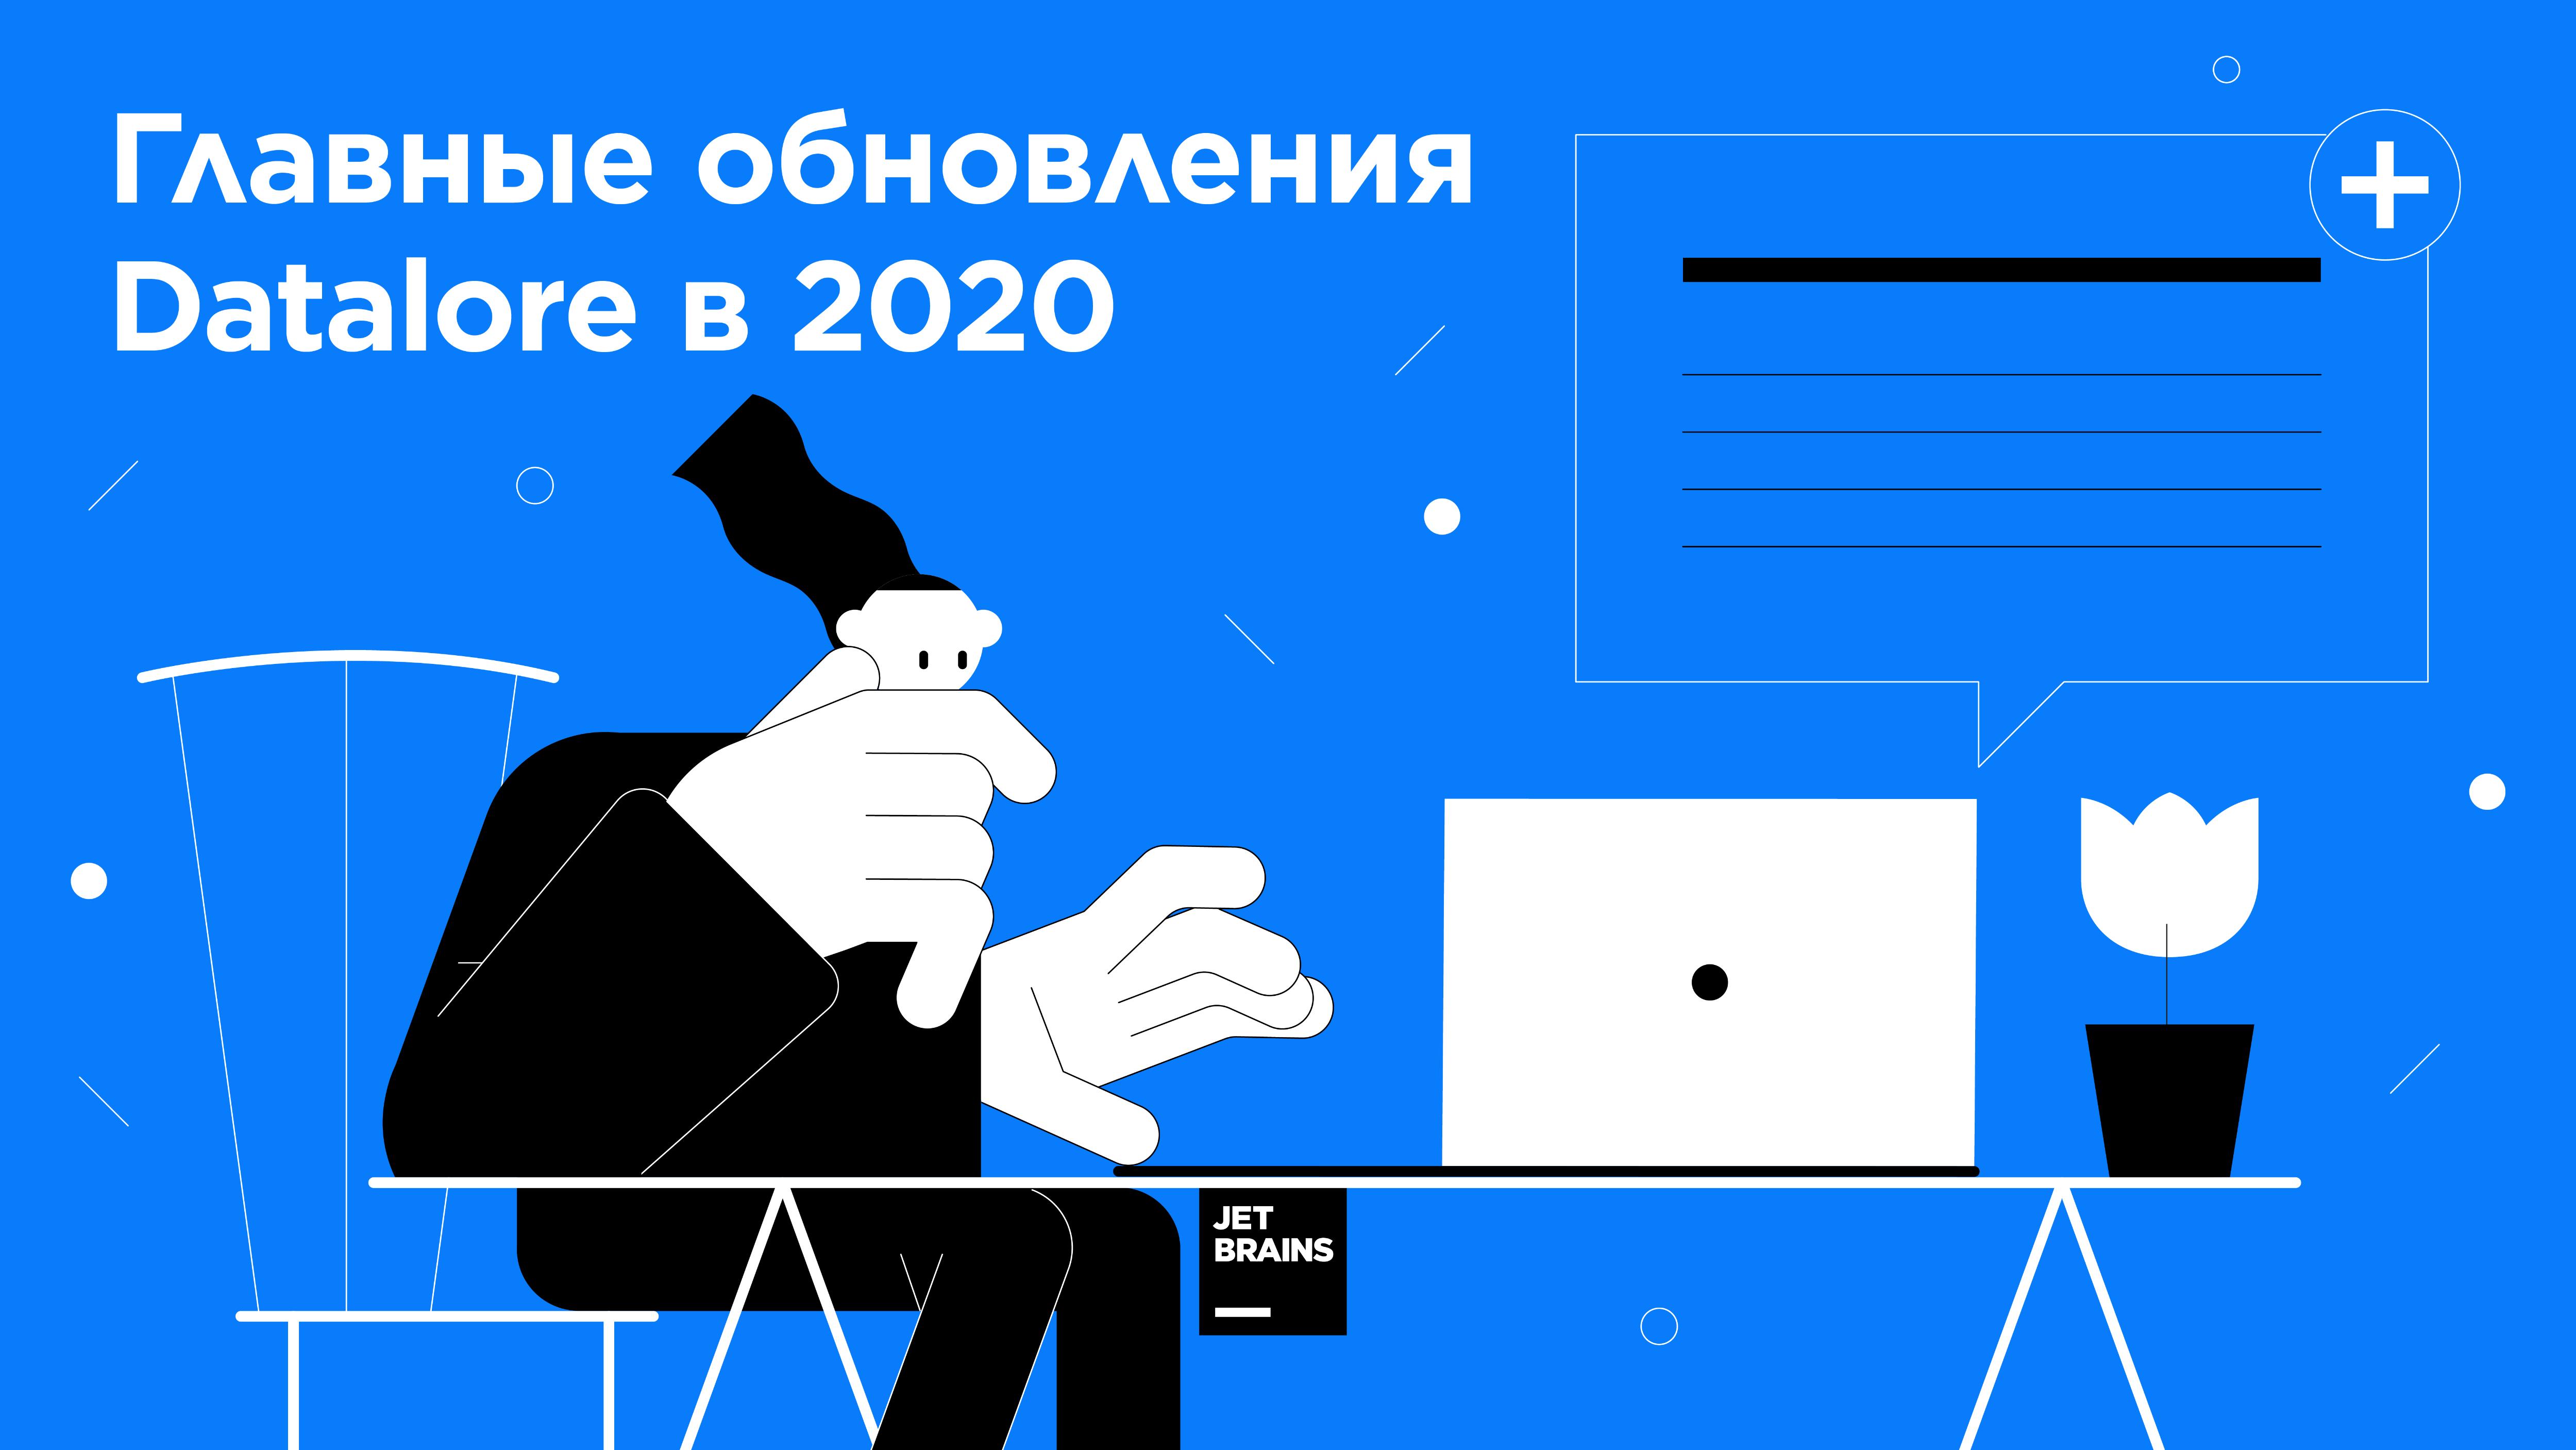 Как изменился Datalore за 2020 год мощная онлайн-среда для Jupyter-ноутбуков